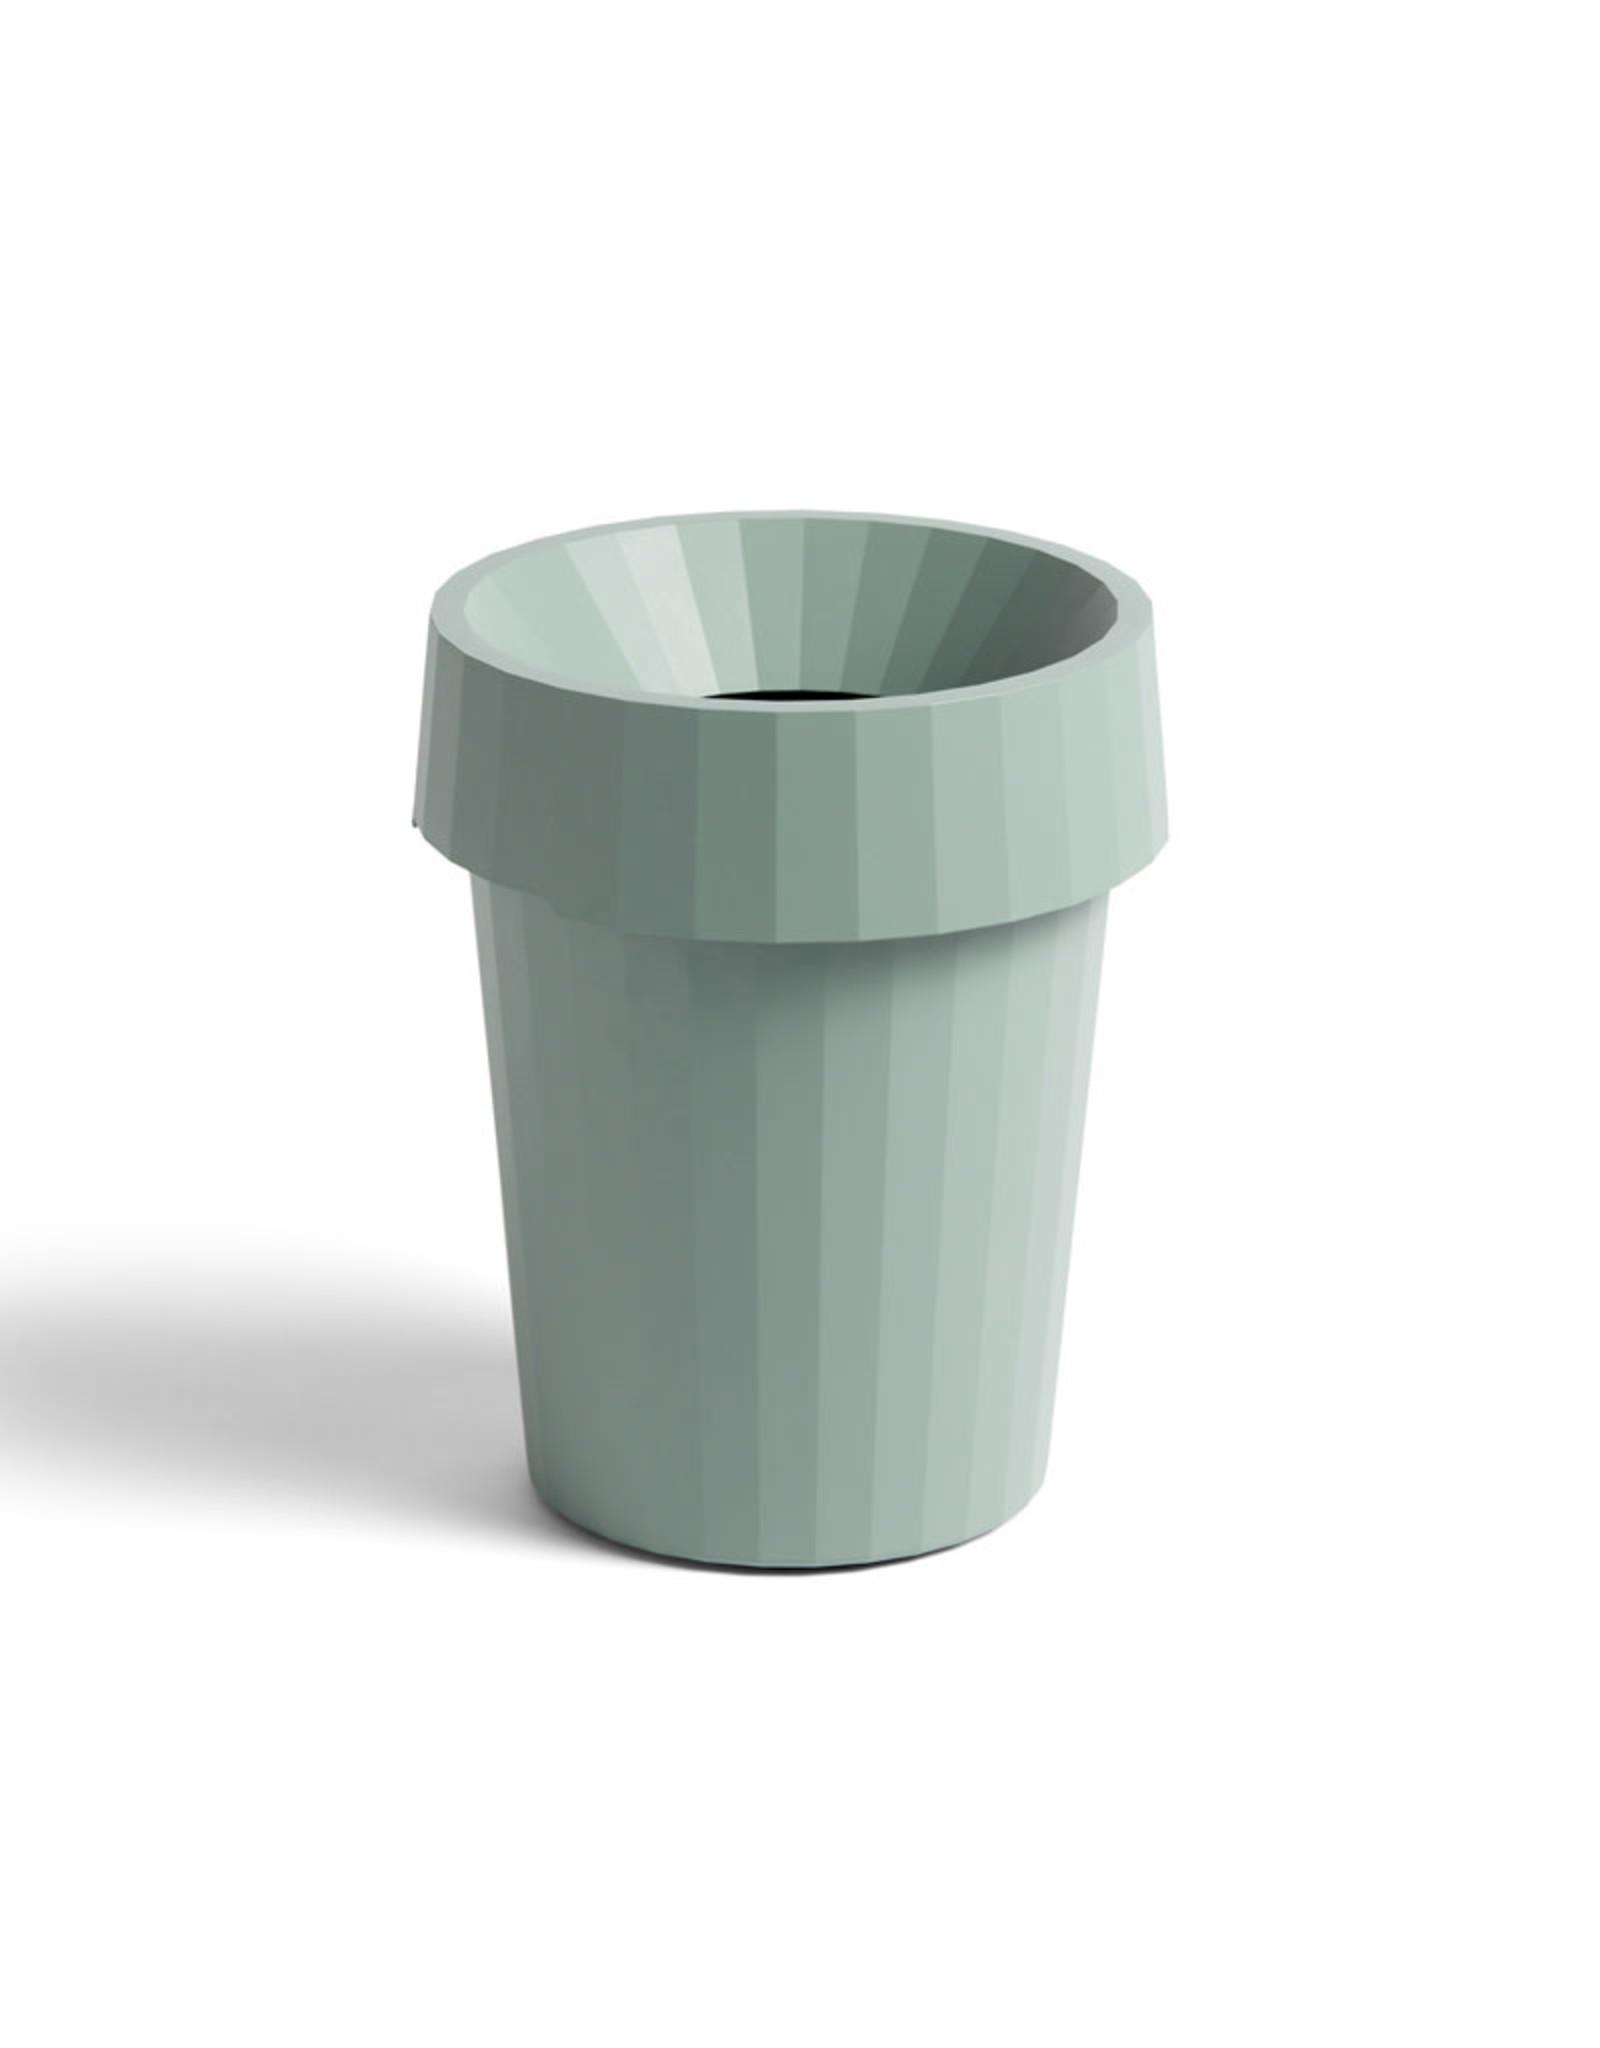 HAY HAY Shade Bin - Dusty Green